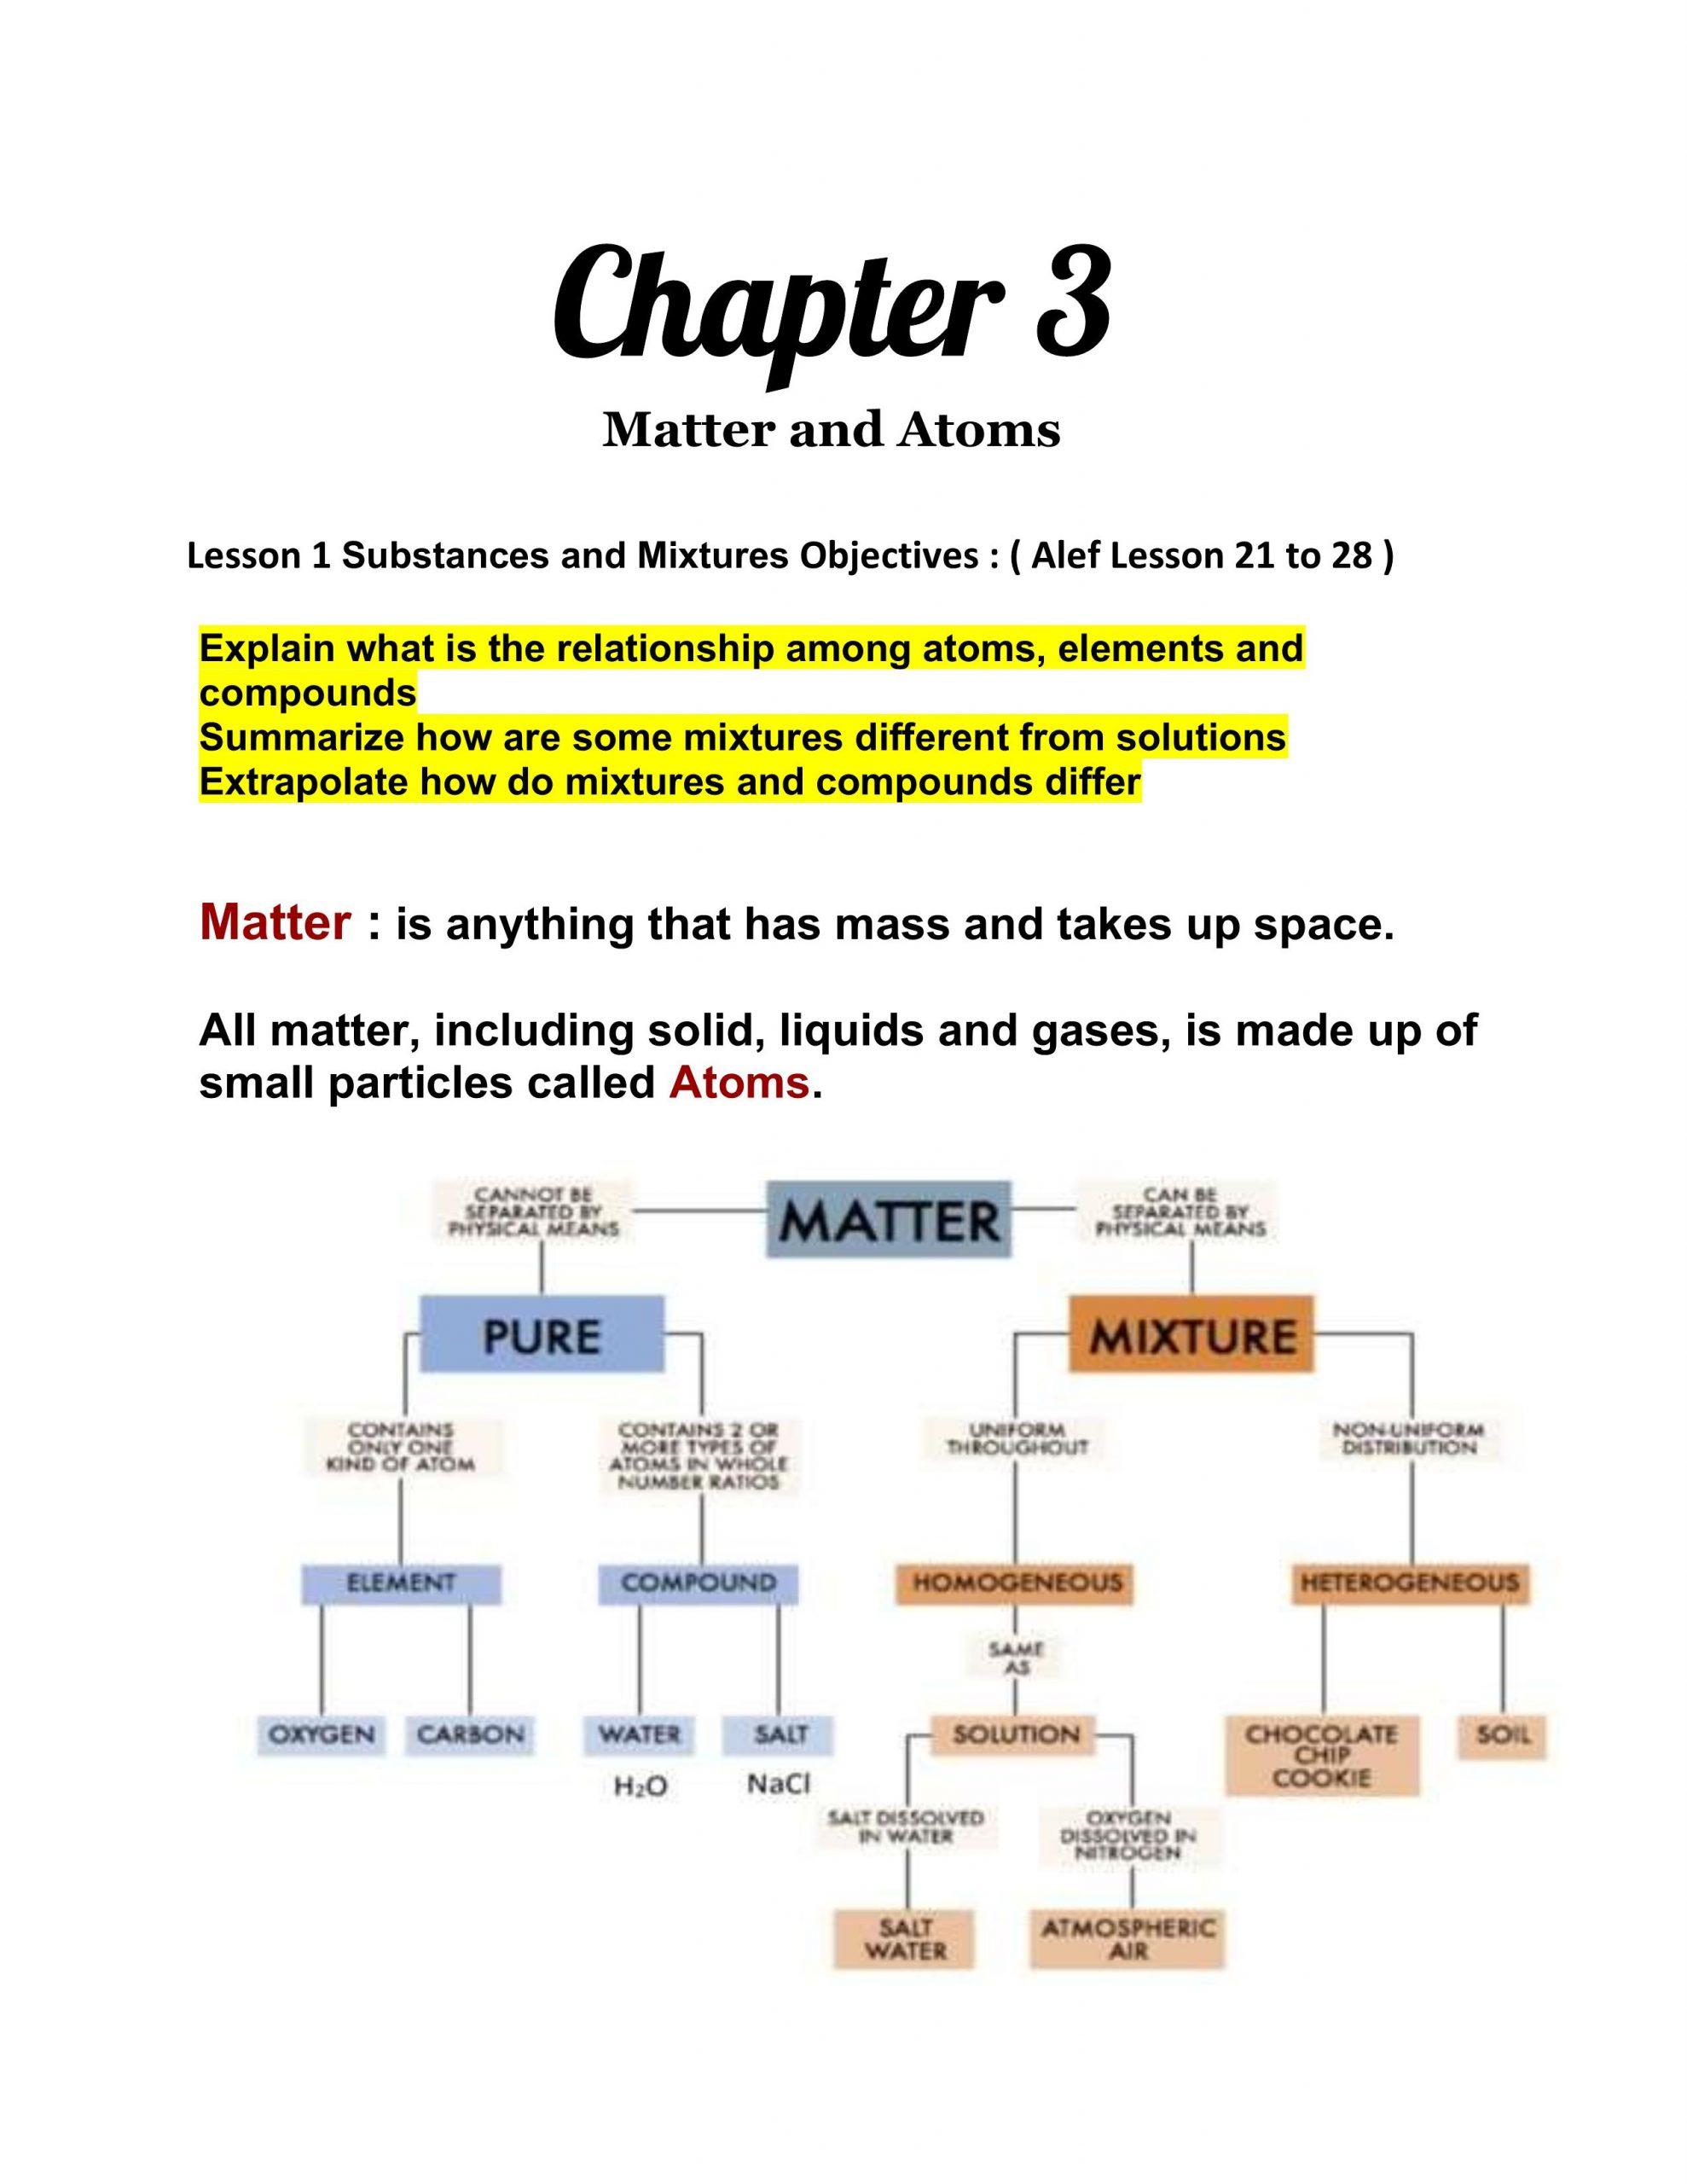 ملخص Matter and Atoms بالانجليزي الصف السادس مادة العلوم المتكاملة